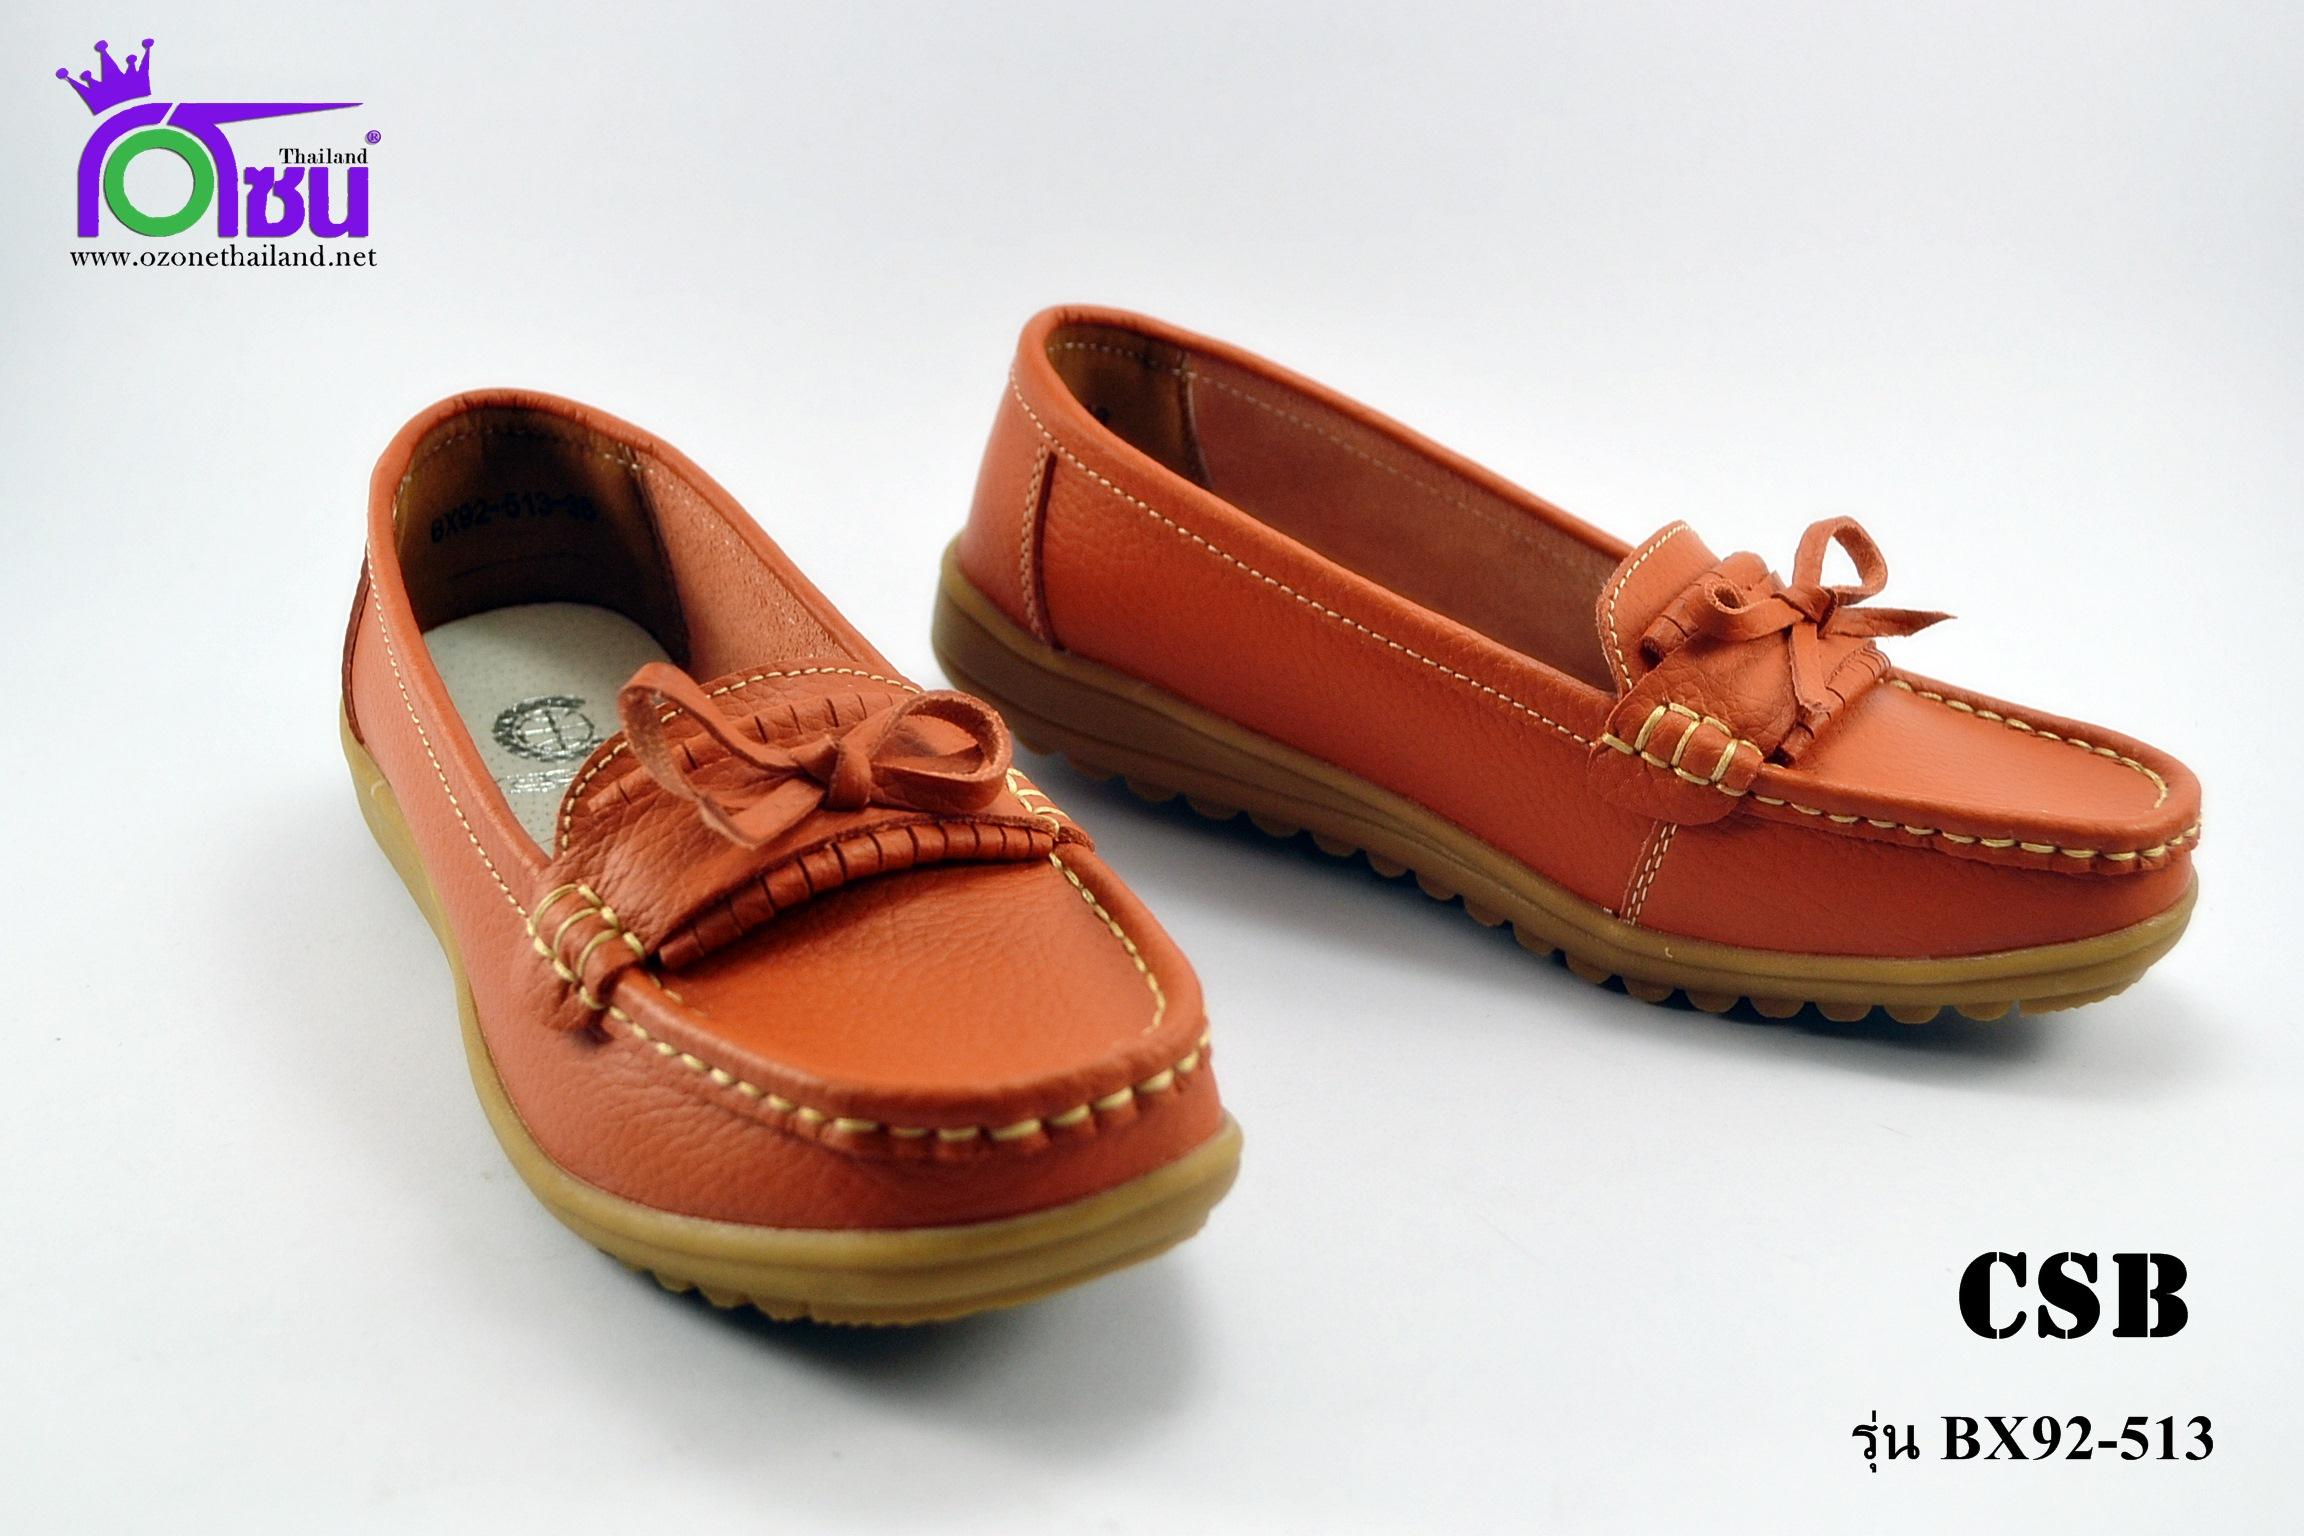 รองเท้าแฟชั่นหุ้มส้น CSB ซีเอสบี รุ่น BX92-513 สีส้ม เบอร์ 36-40